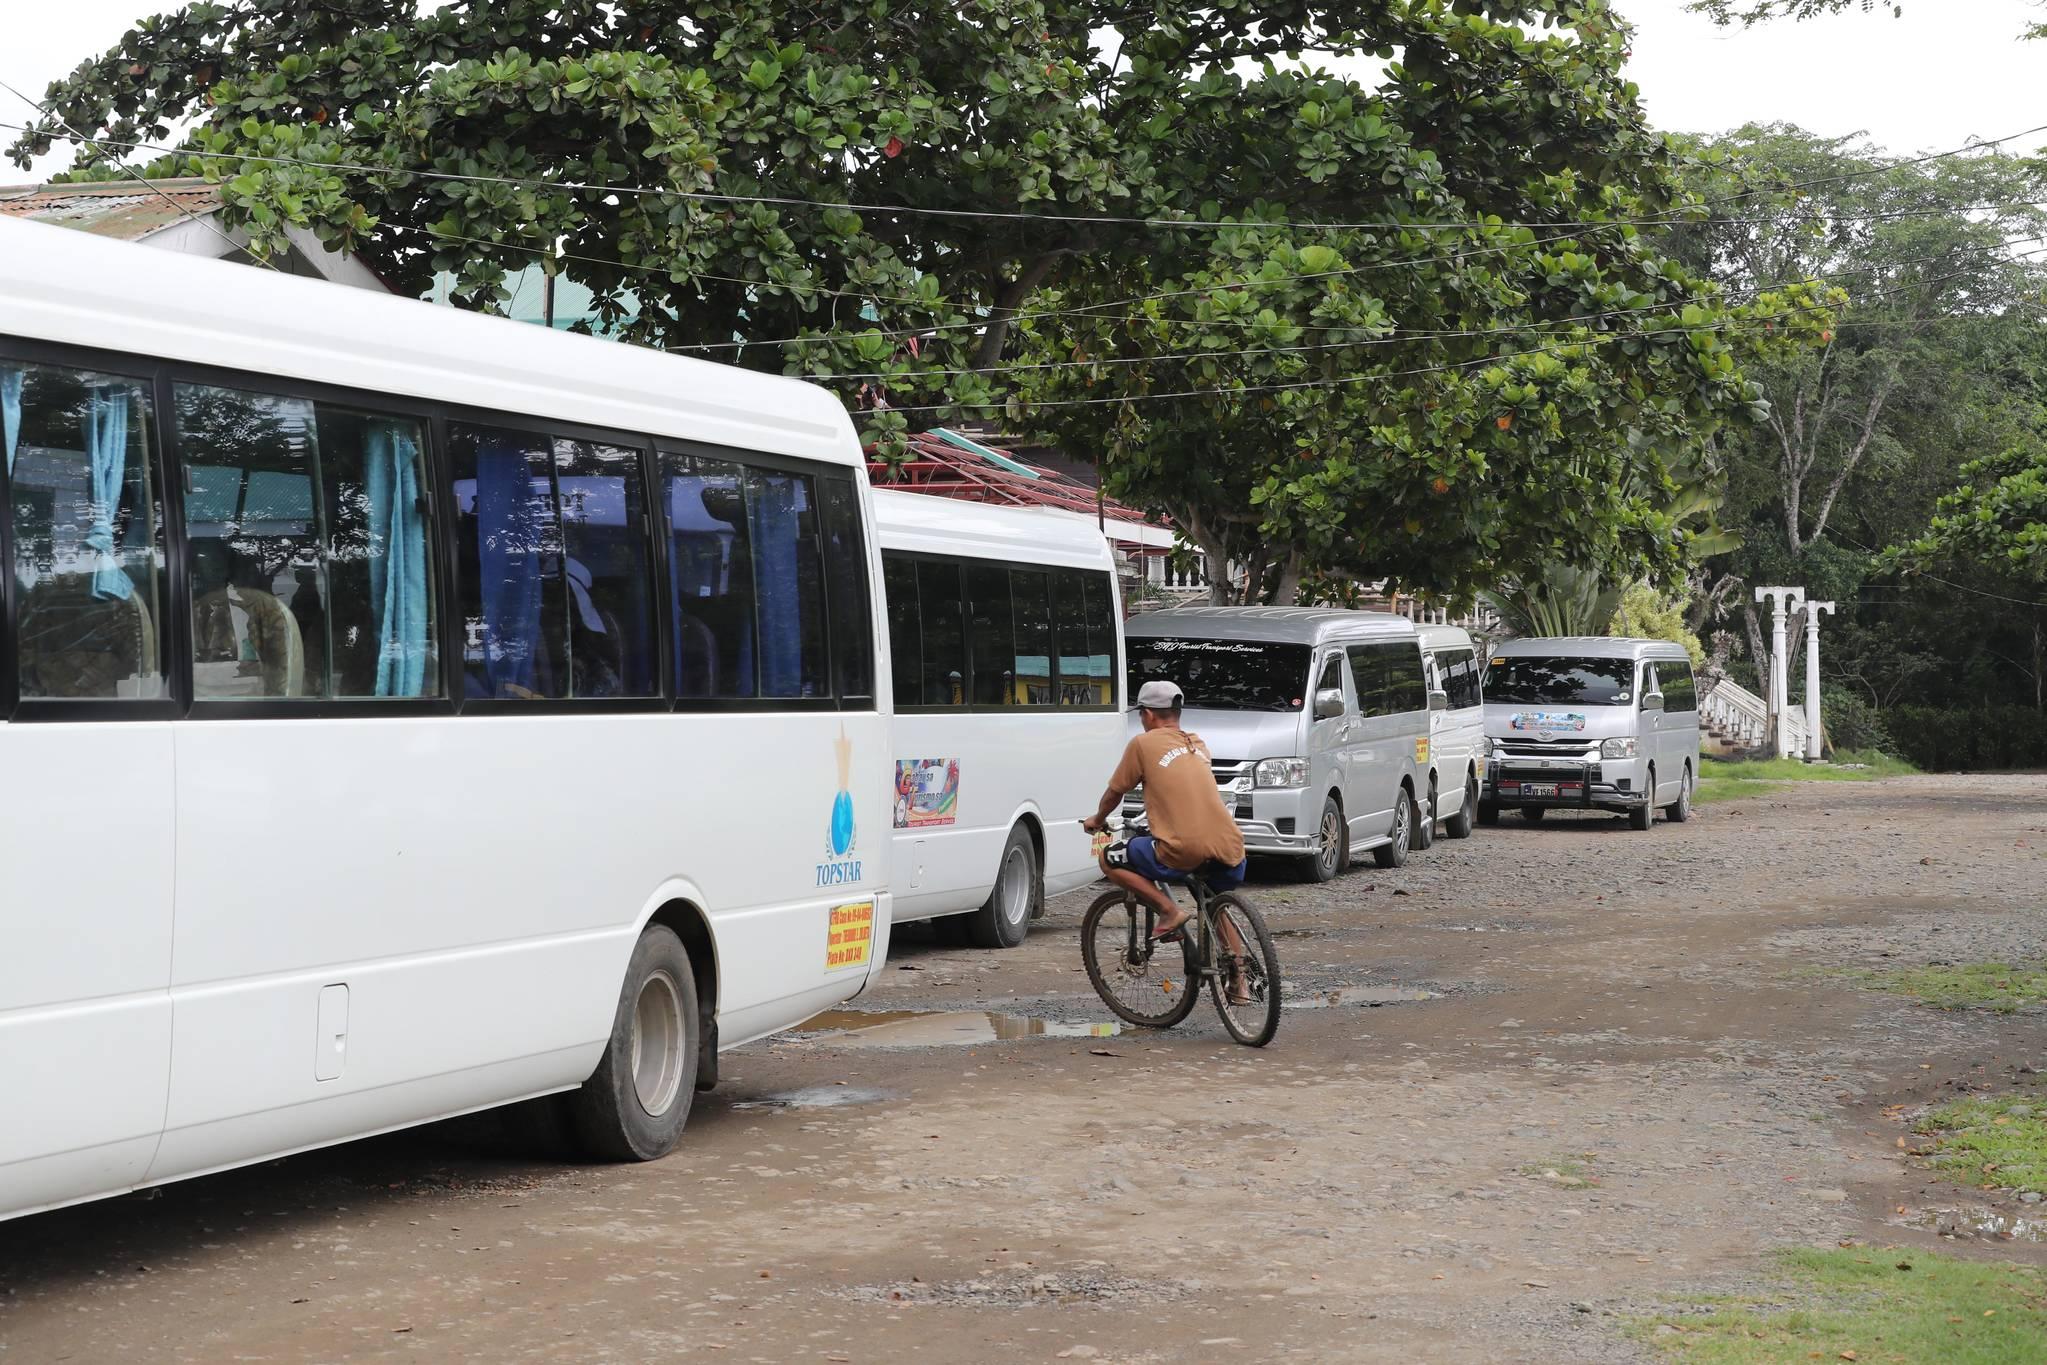 팔라완 이와힉 개방형 교도소. 죄수가 자전거를 타고 관광객들이 타고온 차량 사이를 지나고 있다. 변선구 기자